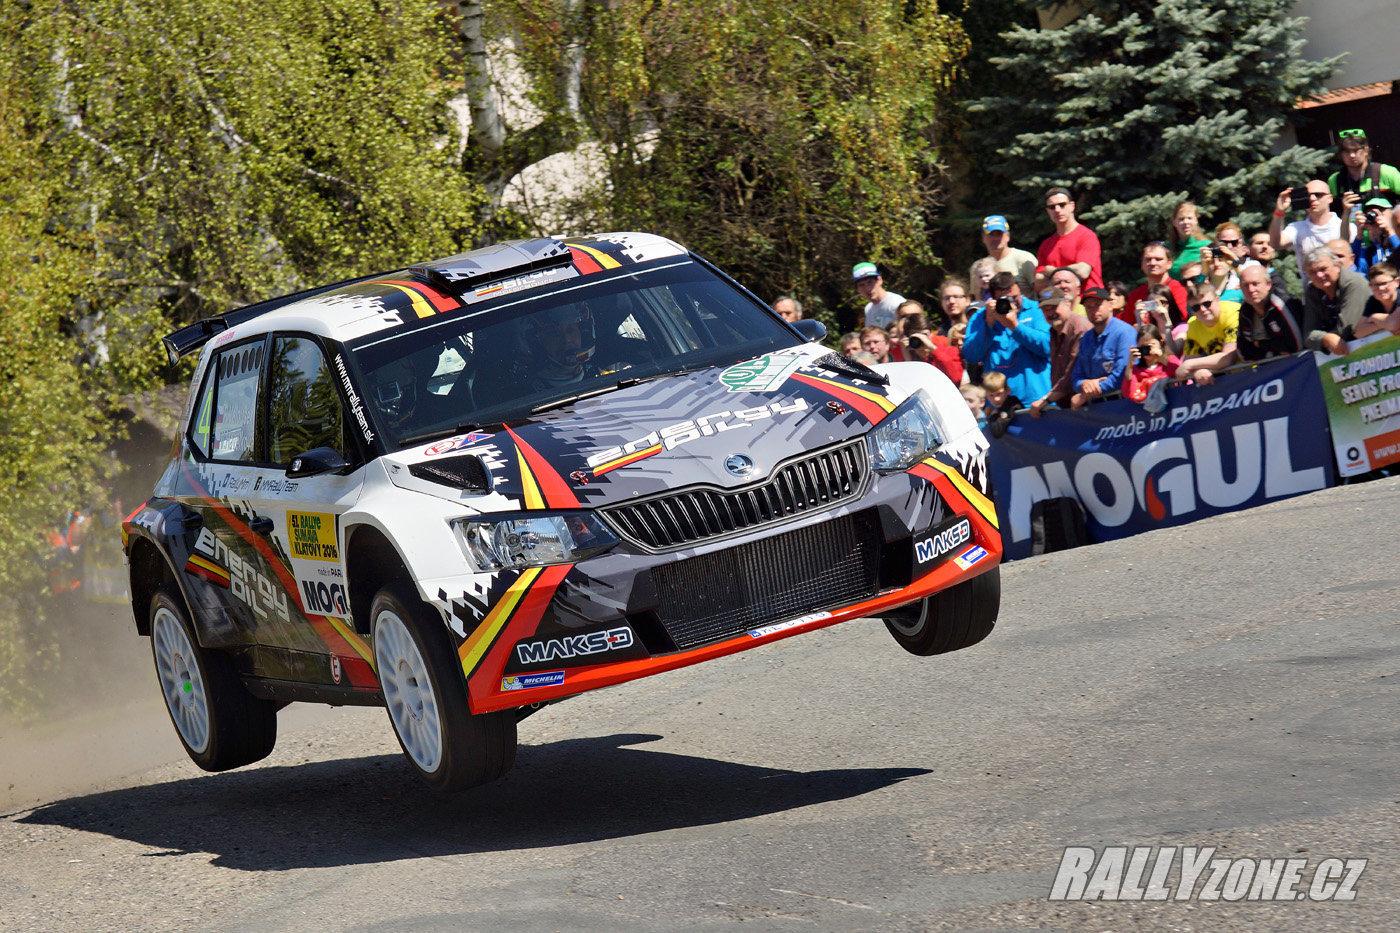 Příznivce rally a WRC jistě potěší i účast těchto speciálů